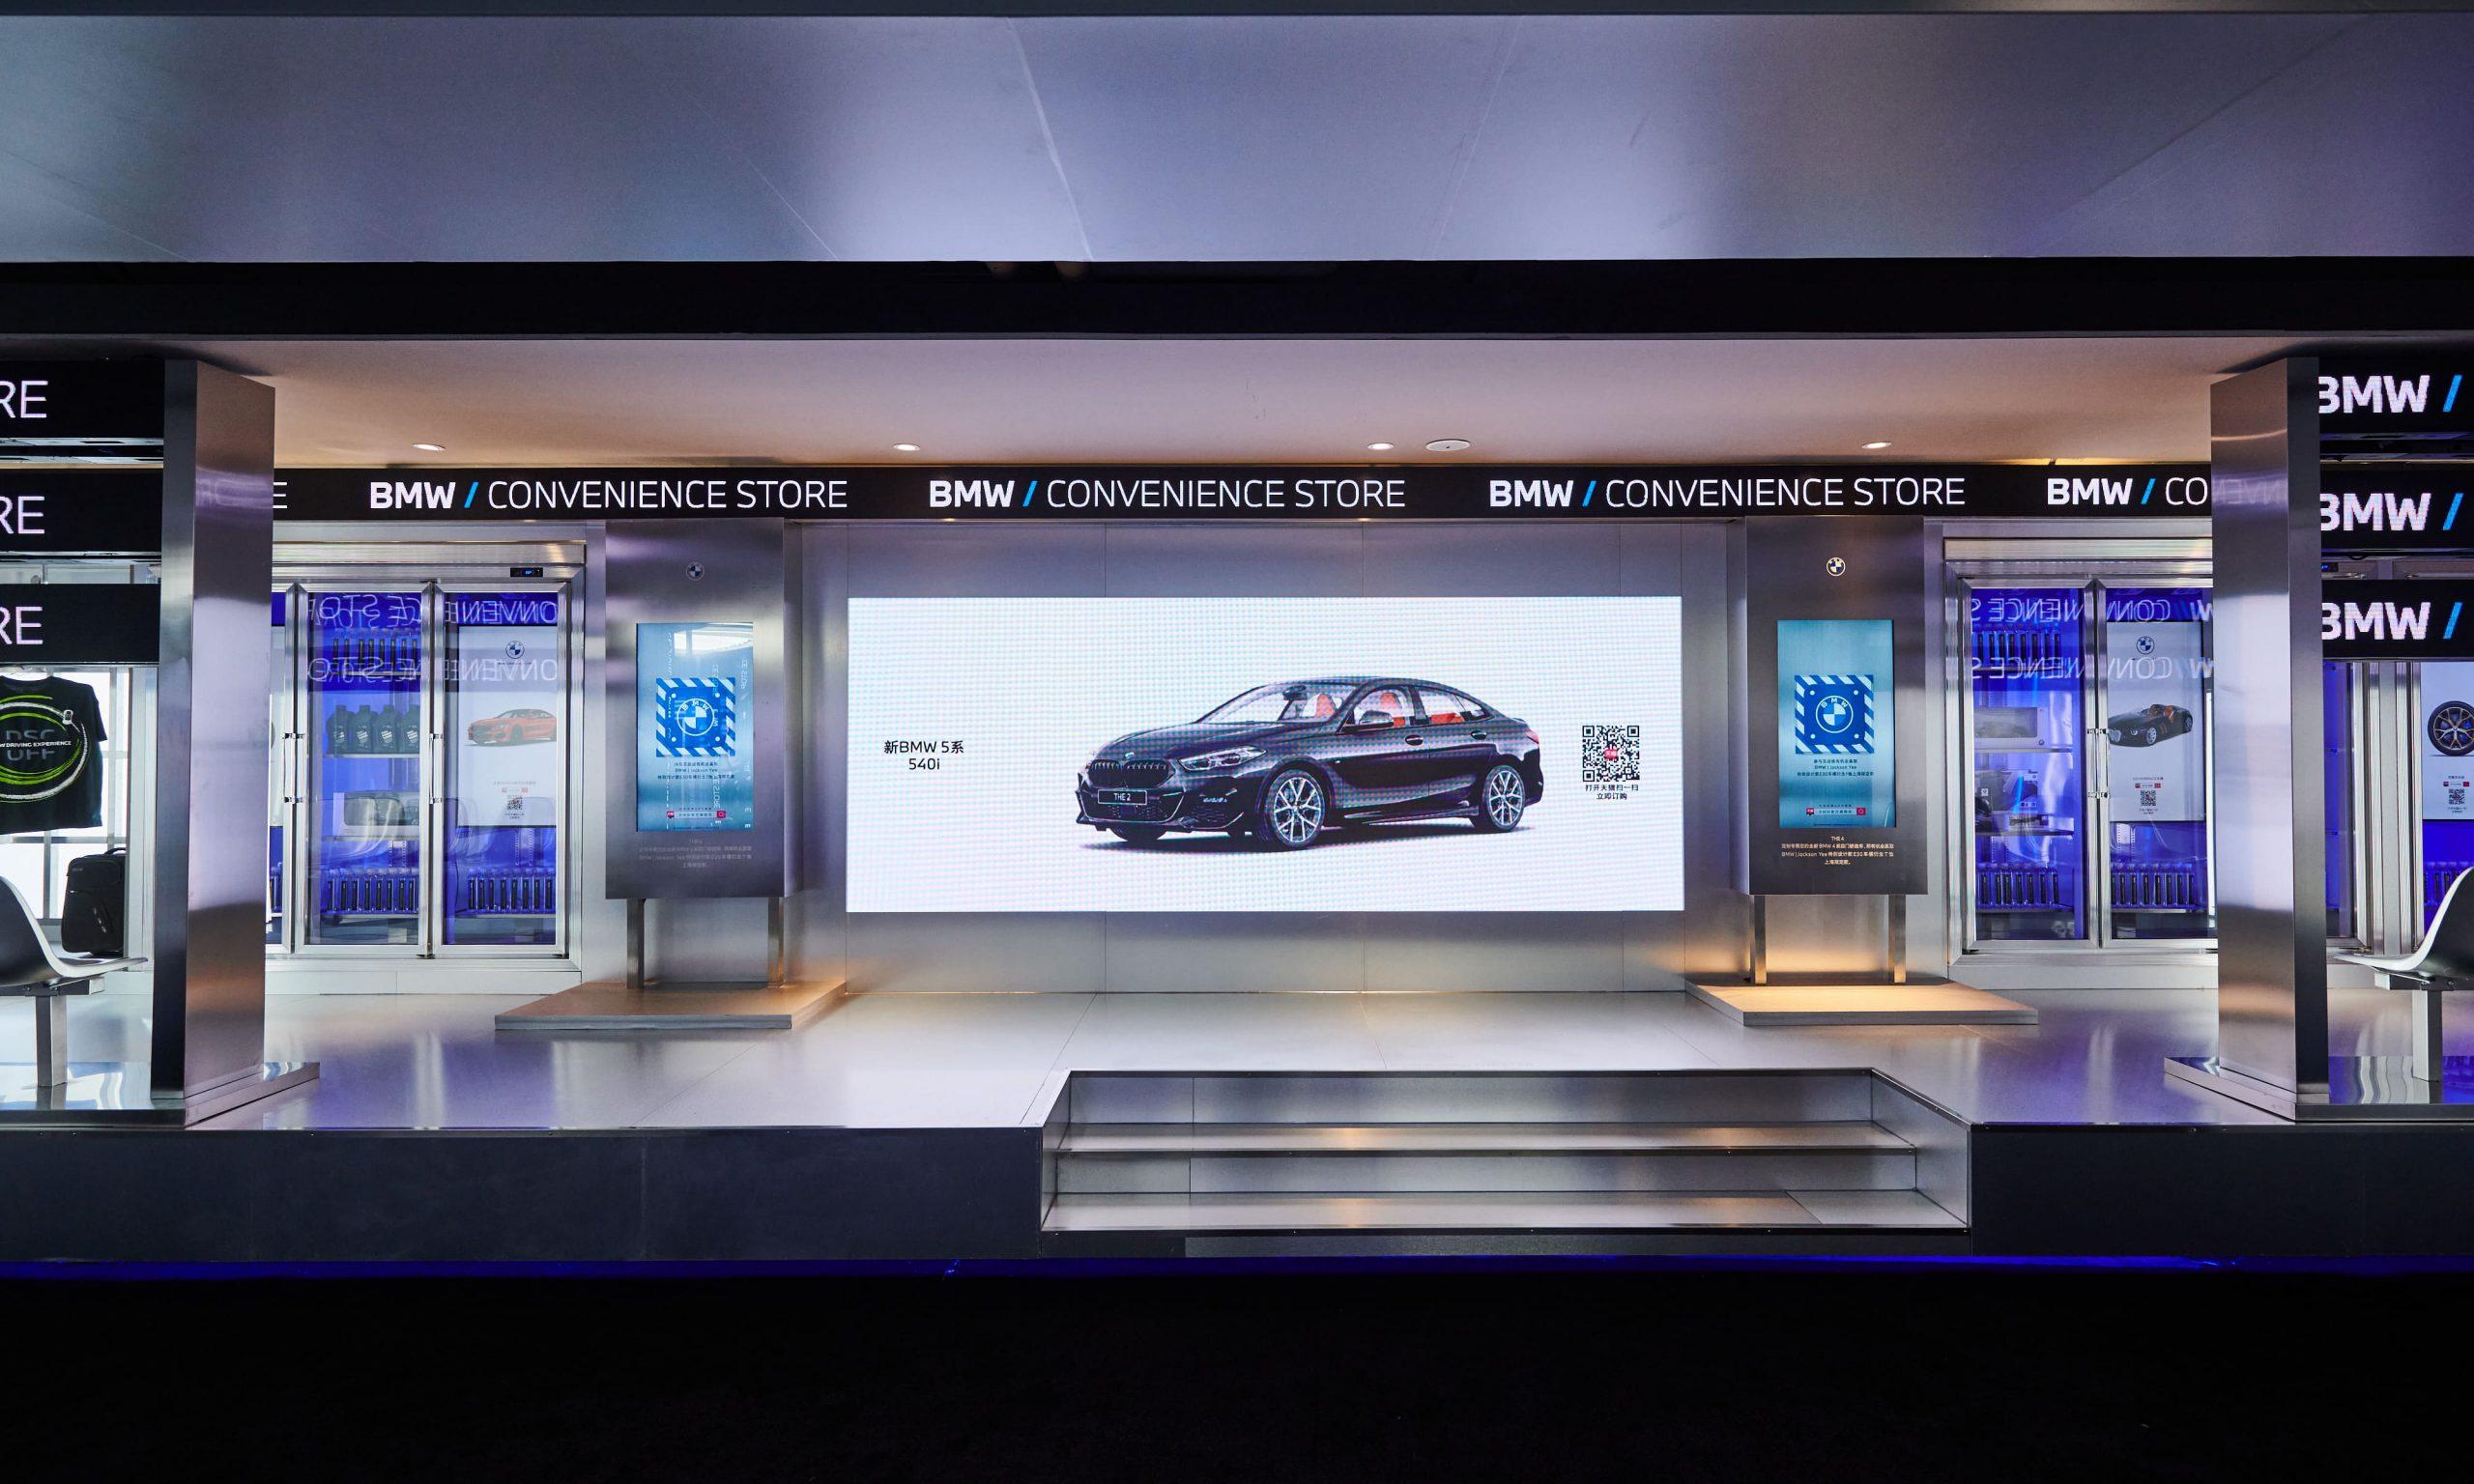 易烊千玺口中的「闷得儿蜜」和 BMW 有什么关系?